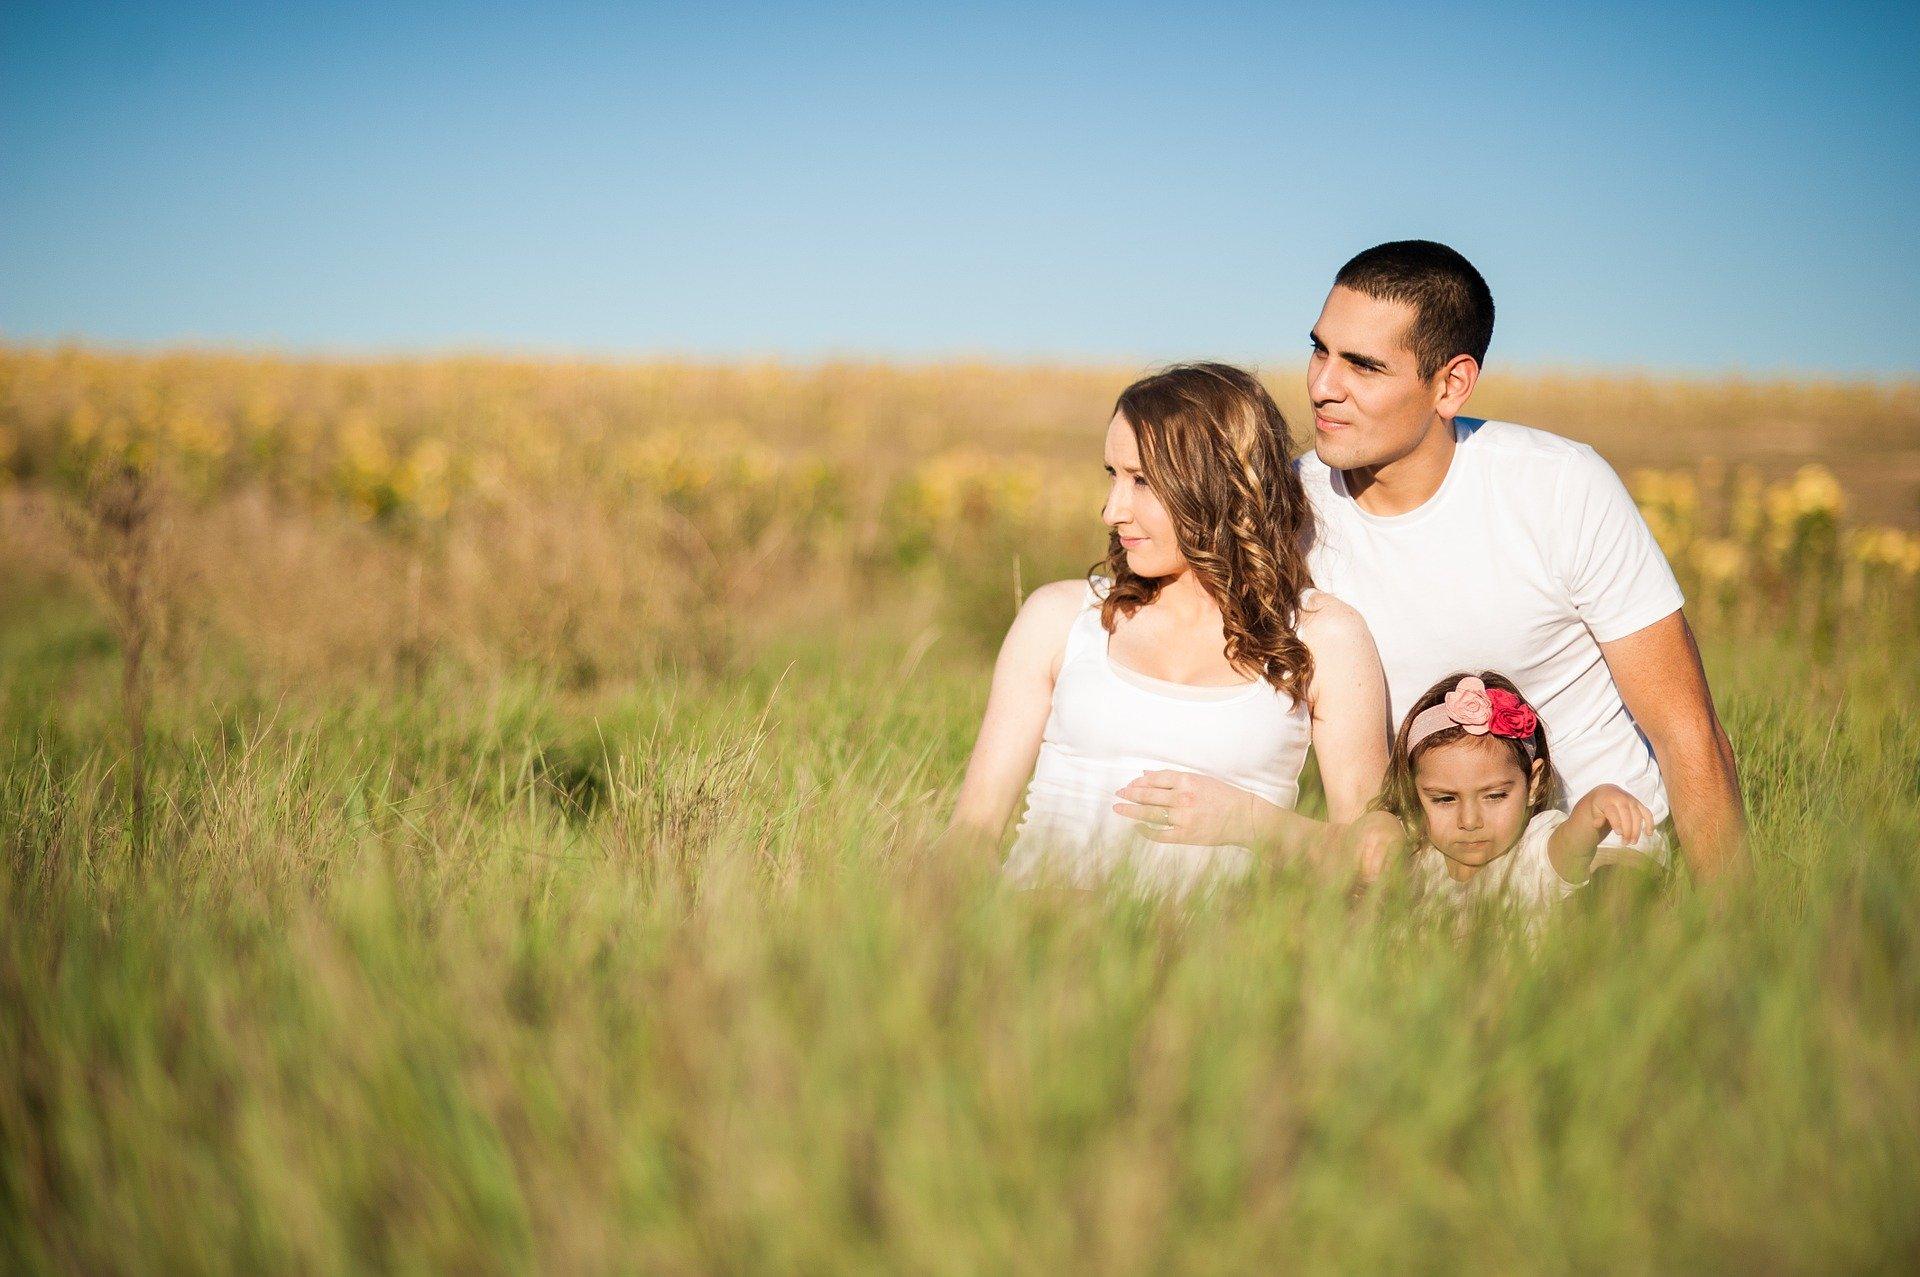 不倫で妊娠!?既婚男性との子どもを妊娠した女性が考えるべきことや行動するべきことを一挙にご紹介